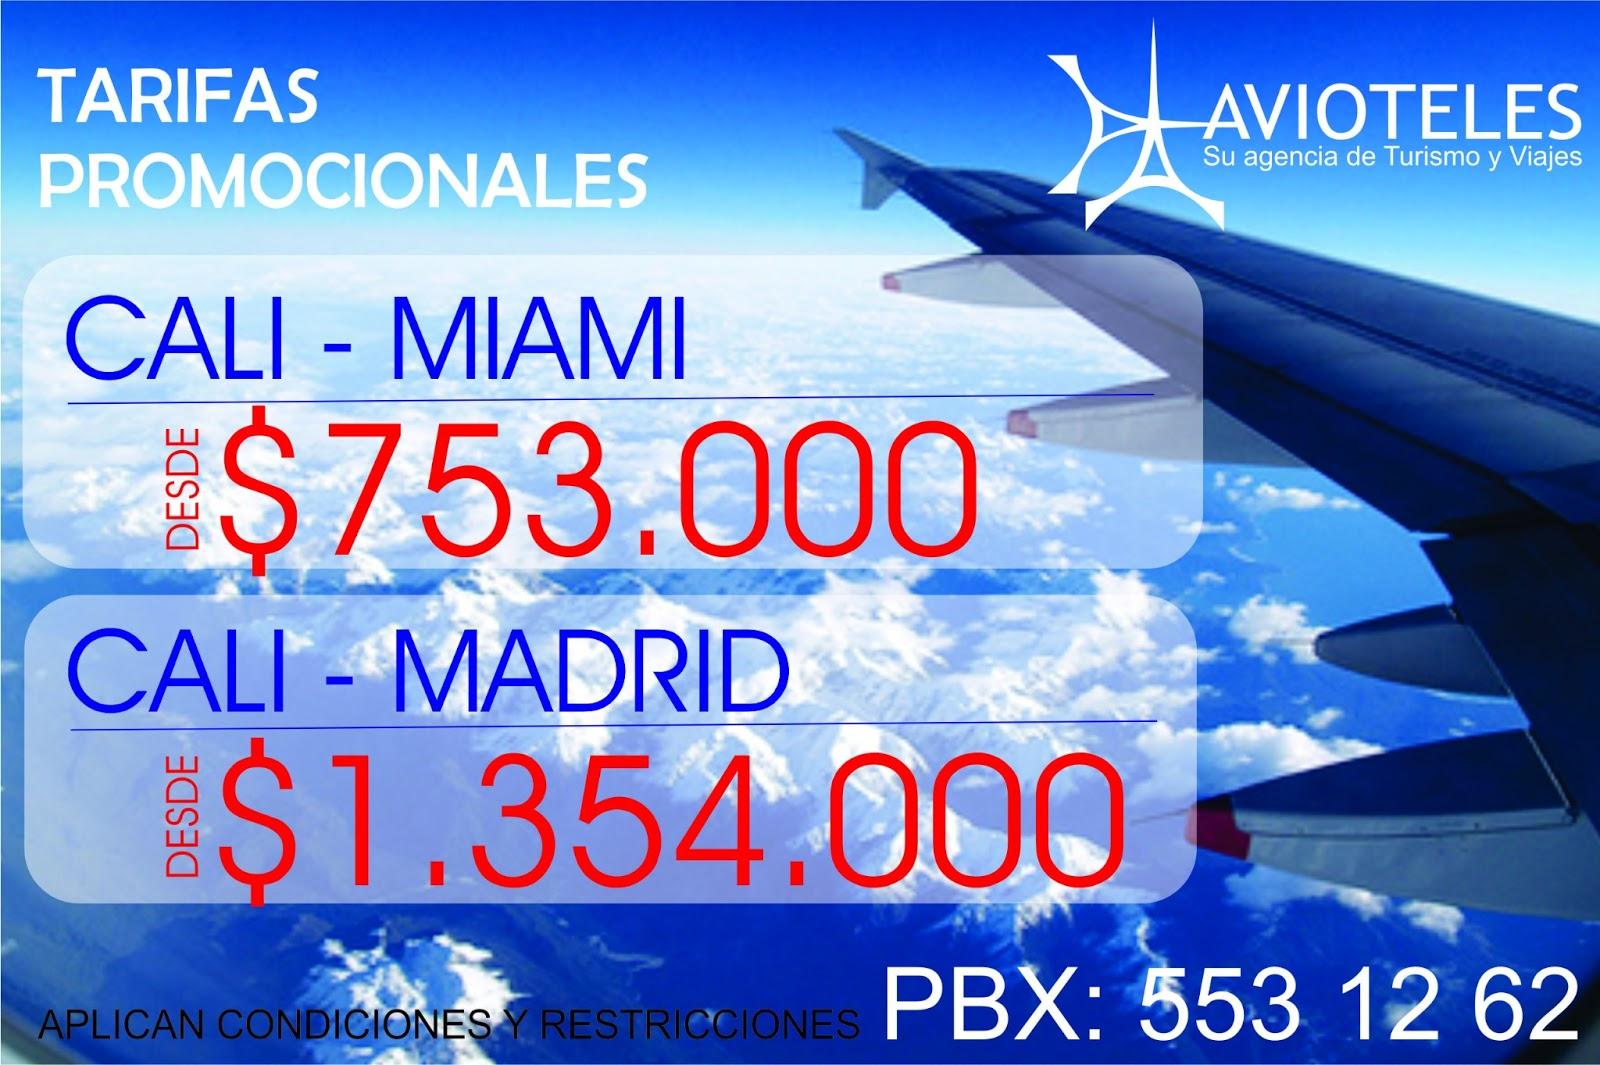 Avioteles su agencia de turismo y viajes desde cali a for Agencia turismo madrid